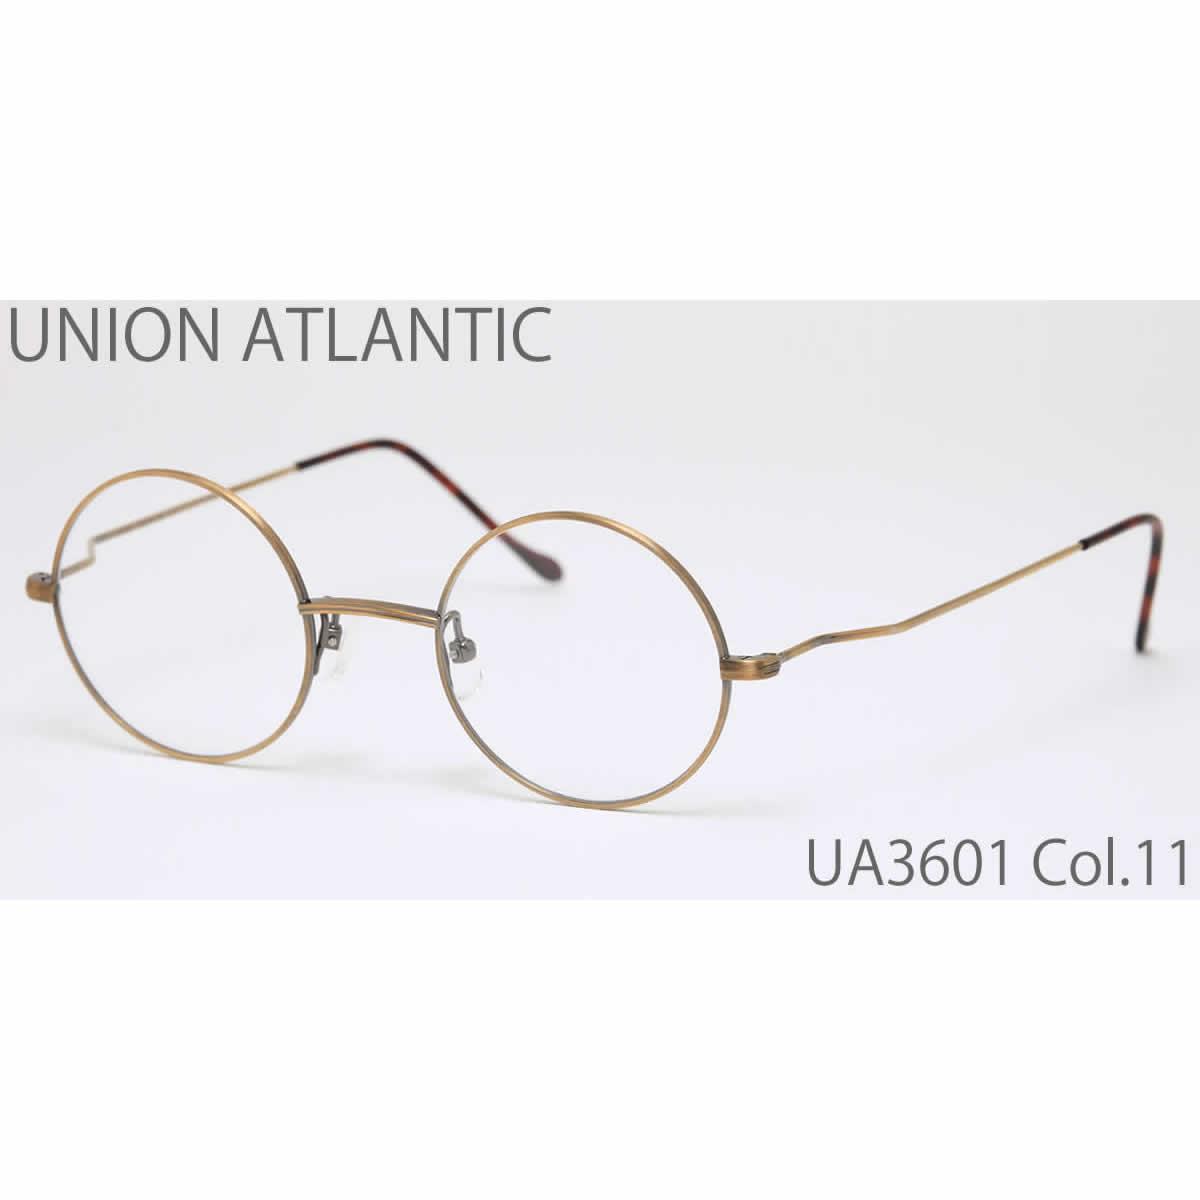 ポイント最大42倍!!お得なクーポンも !! 【14時までのご注文は即日発送】UA3601 11 43 UNION ATLANTIC (ユニオンアトランティック) メガネ メンズ レディース【あす楽対応】【伊達メガネ用レンズ無料!!】